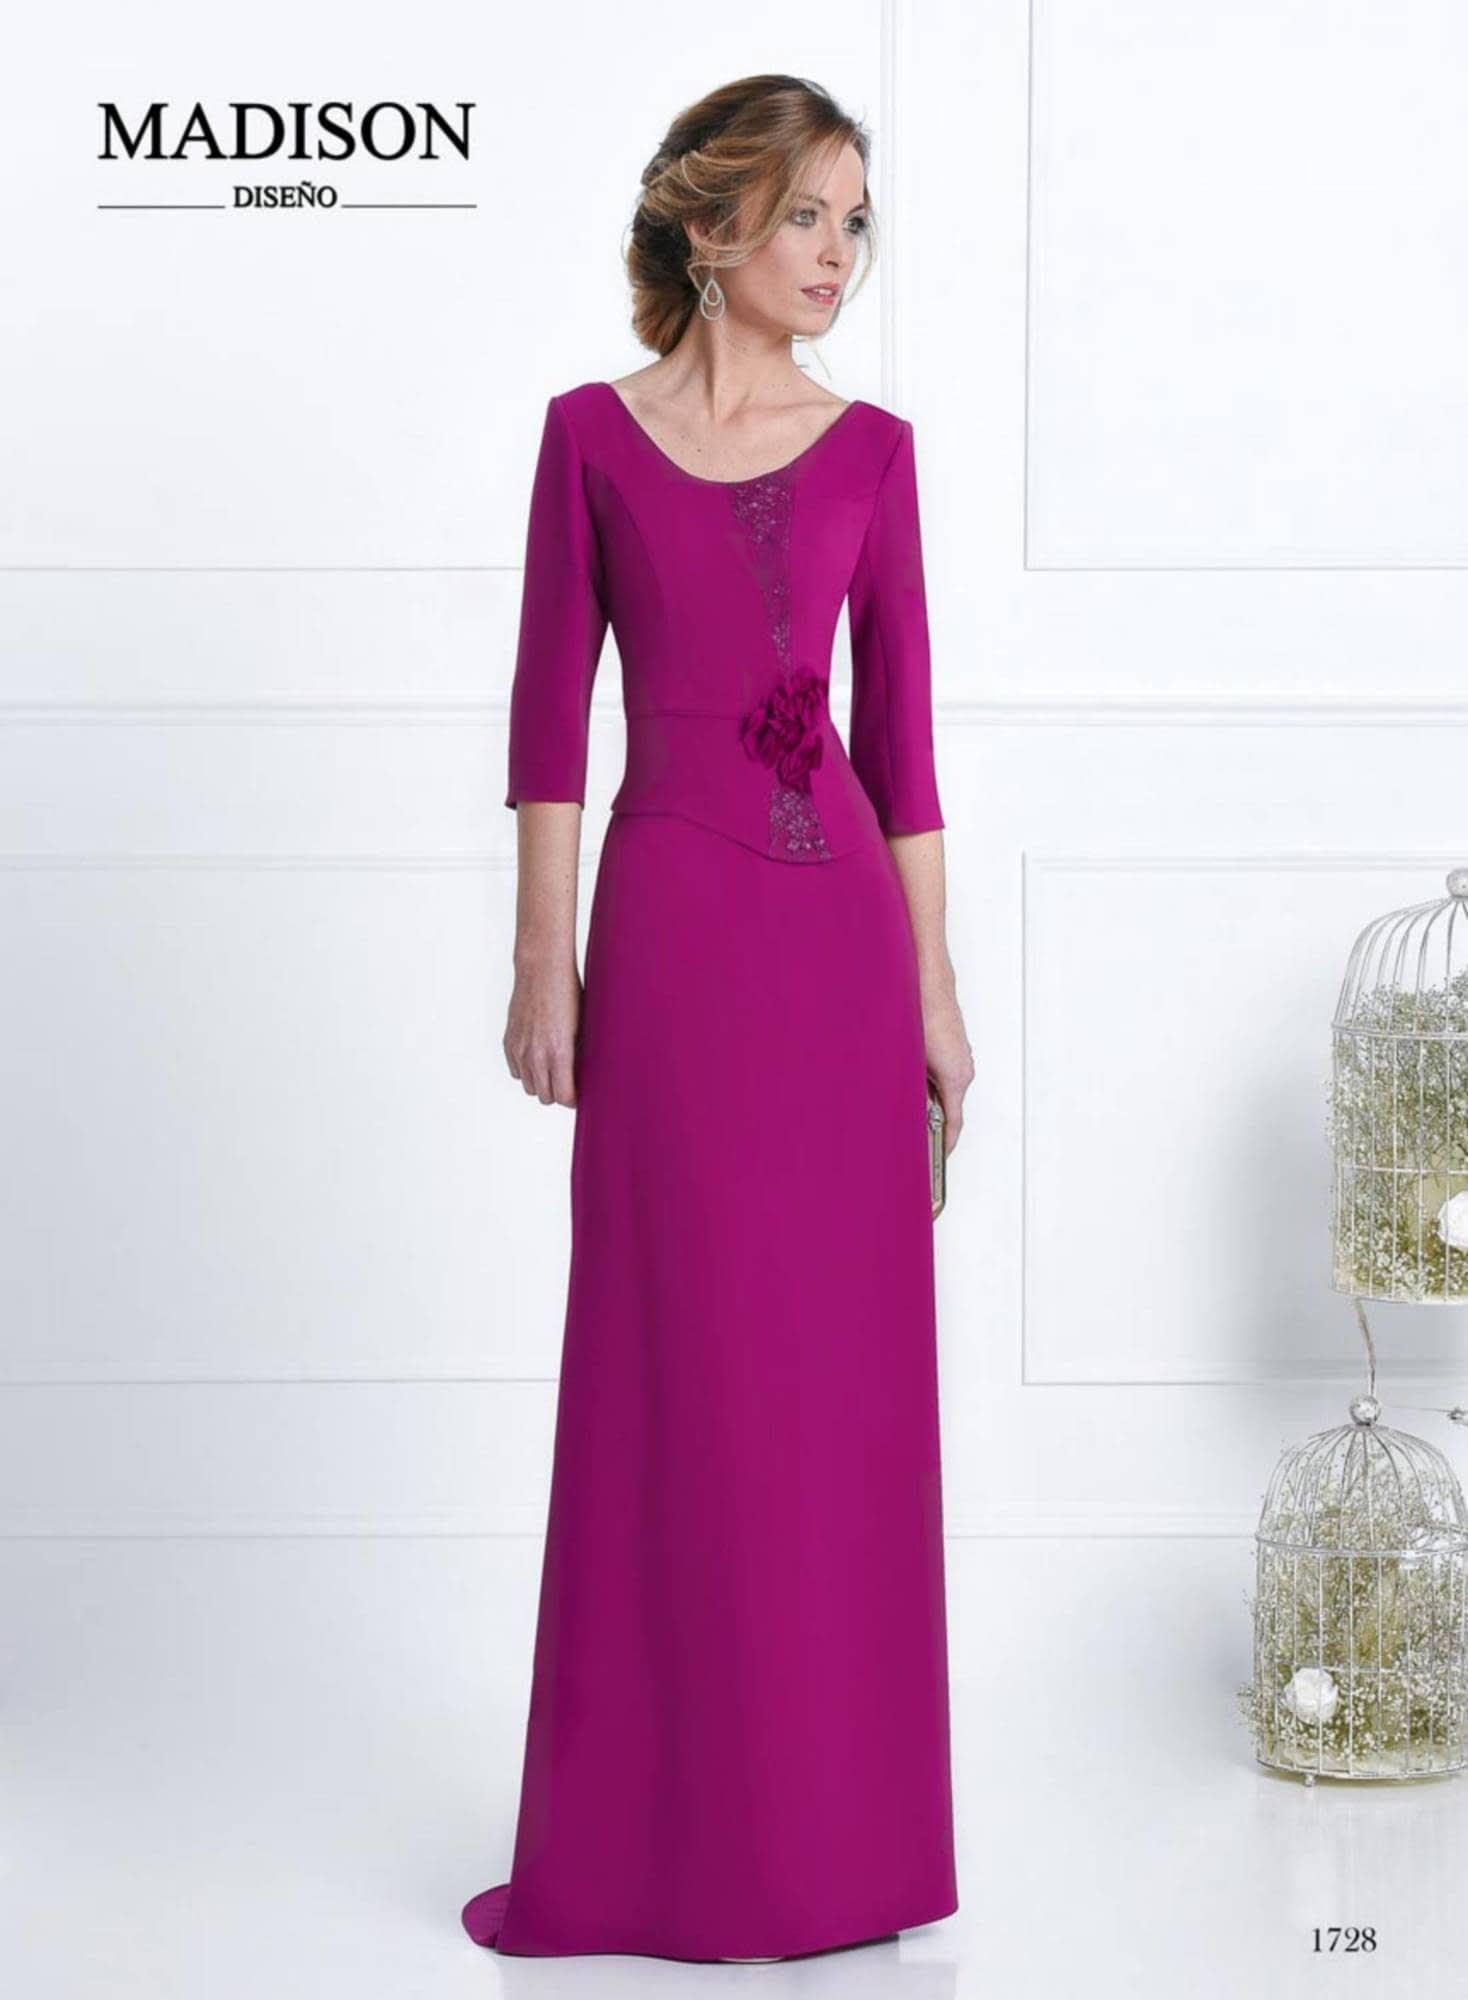 Increíble Vestido De Novia De Alta Costura Imagen - Ideas de ...